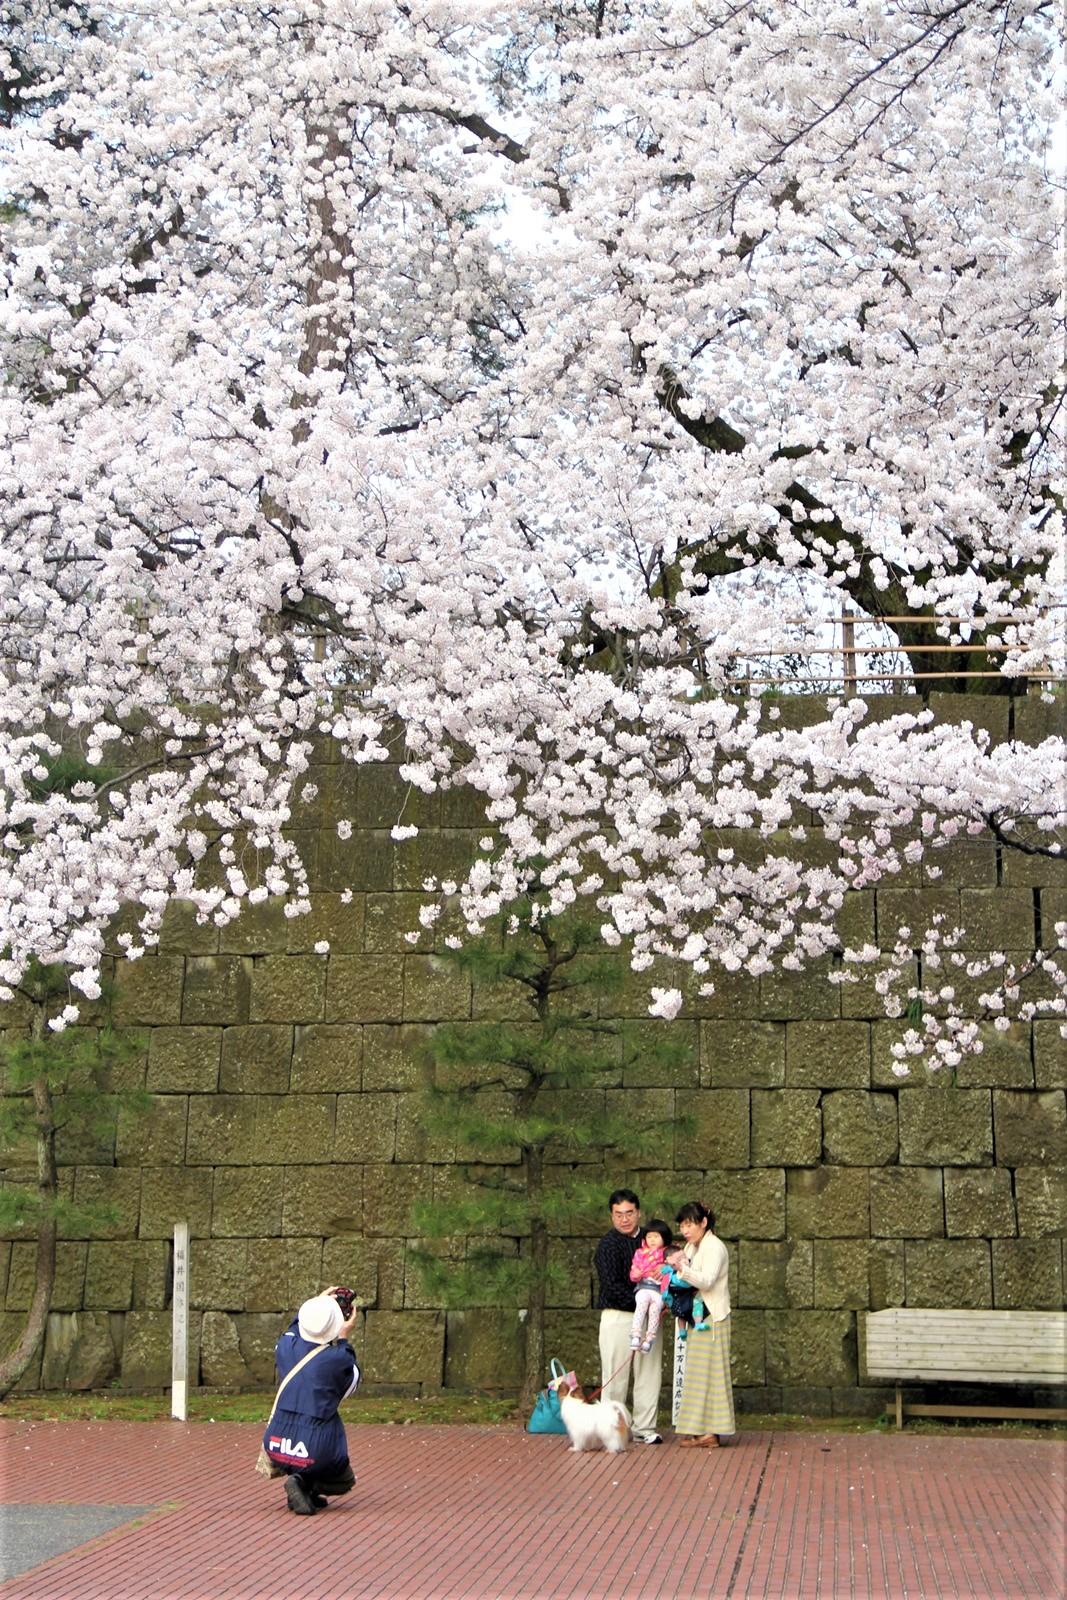 春の桜記念日@ふくい桜まつり 越前時代行列